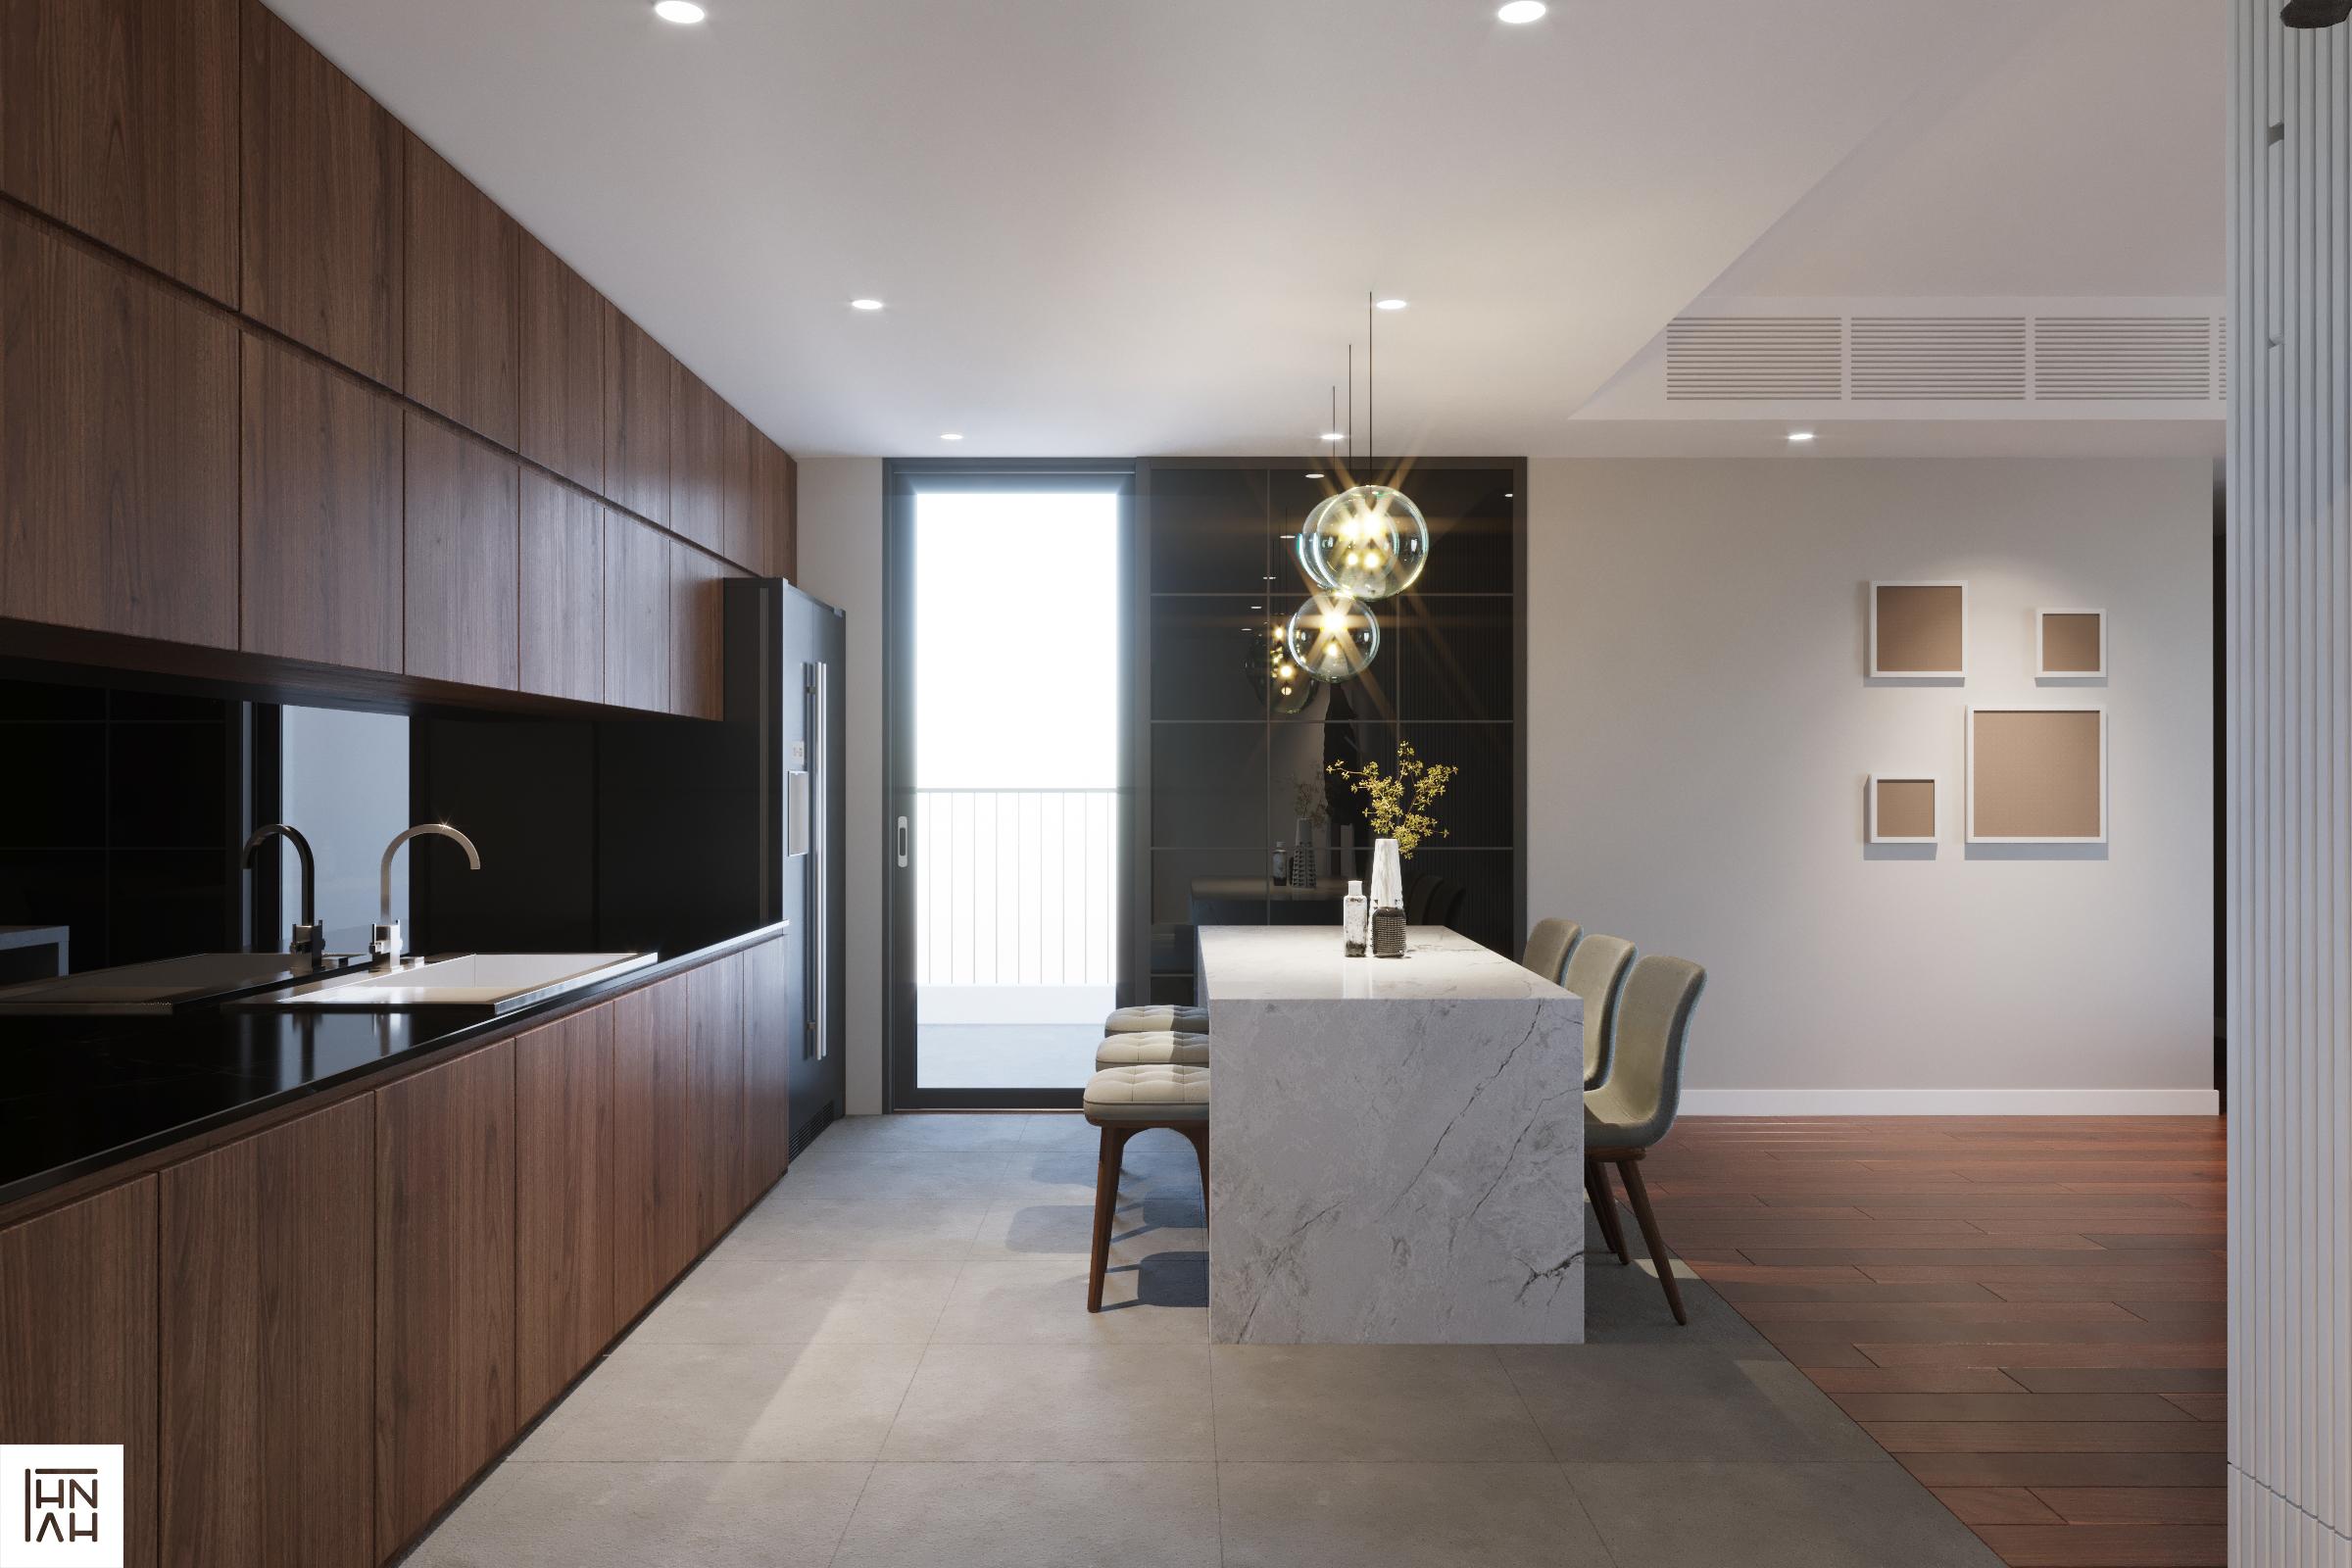 thiết kế nội thất chung cư tại Hà Nội Cuc. Apartment 5 1566896398